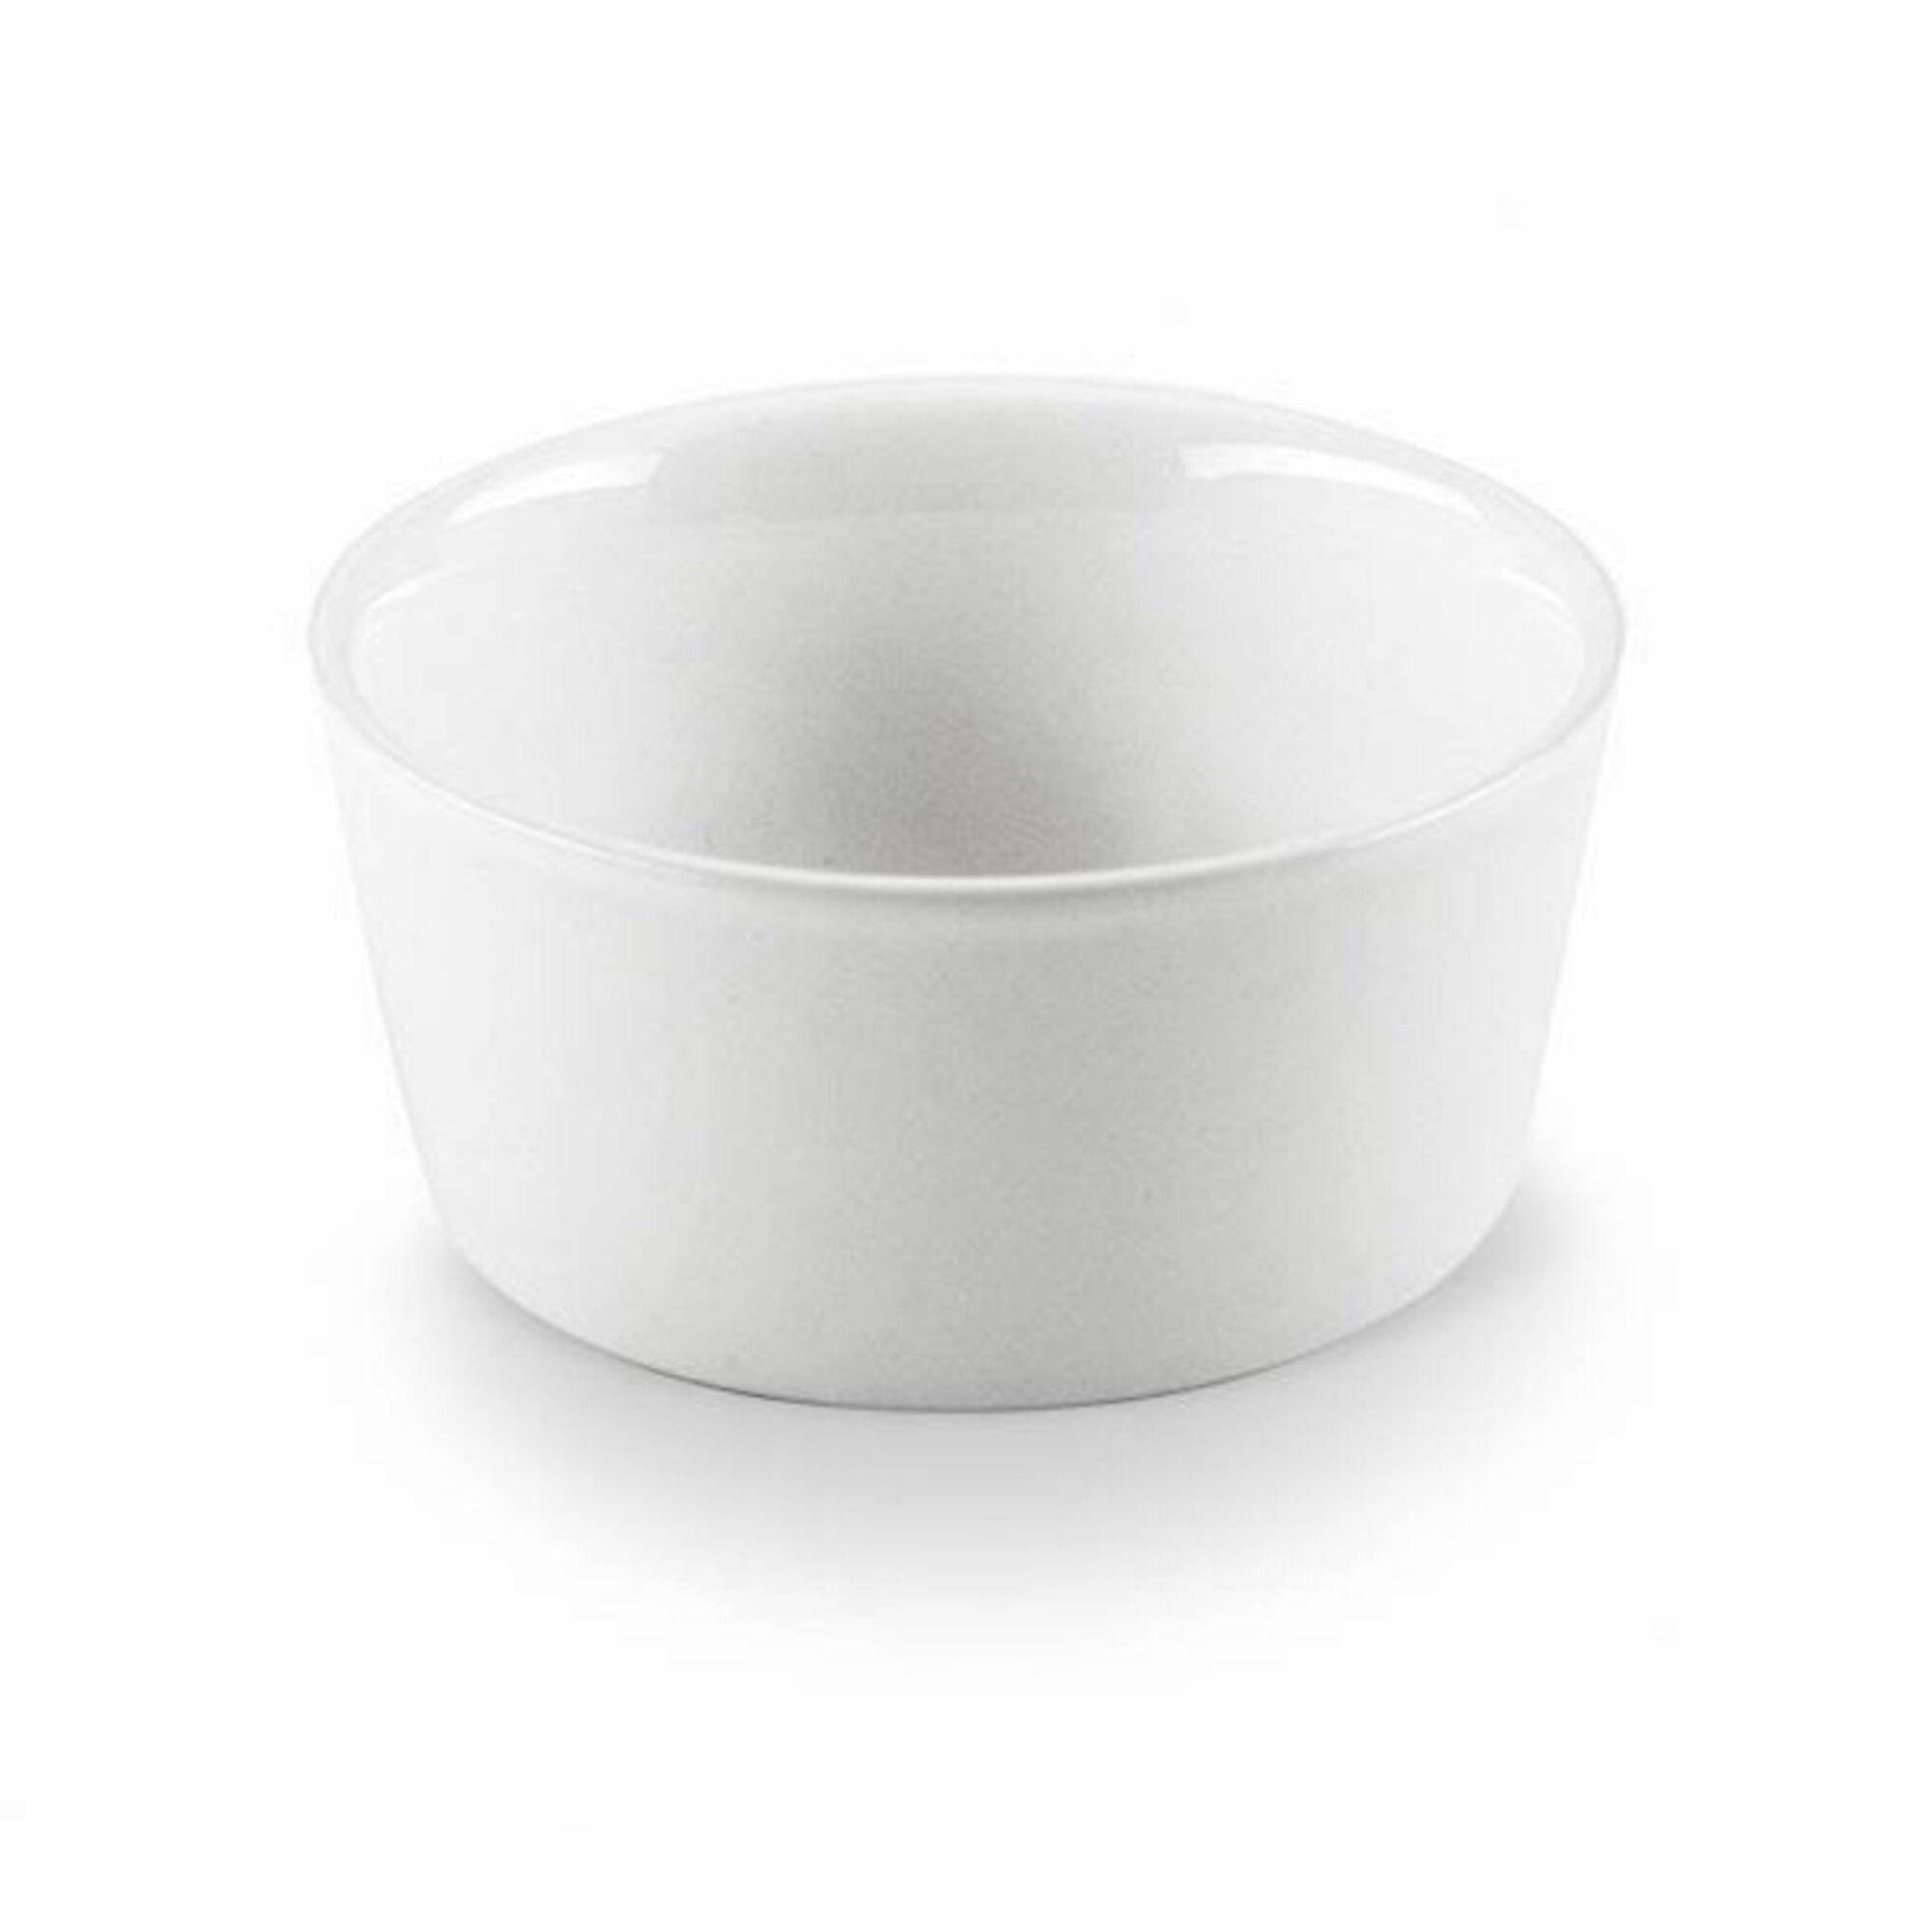 Ramekin 11cm Branco Oven